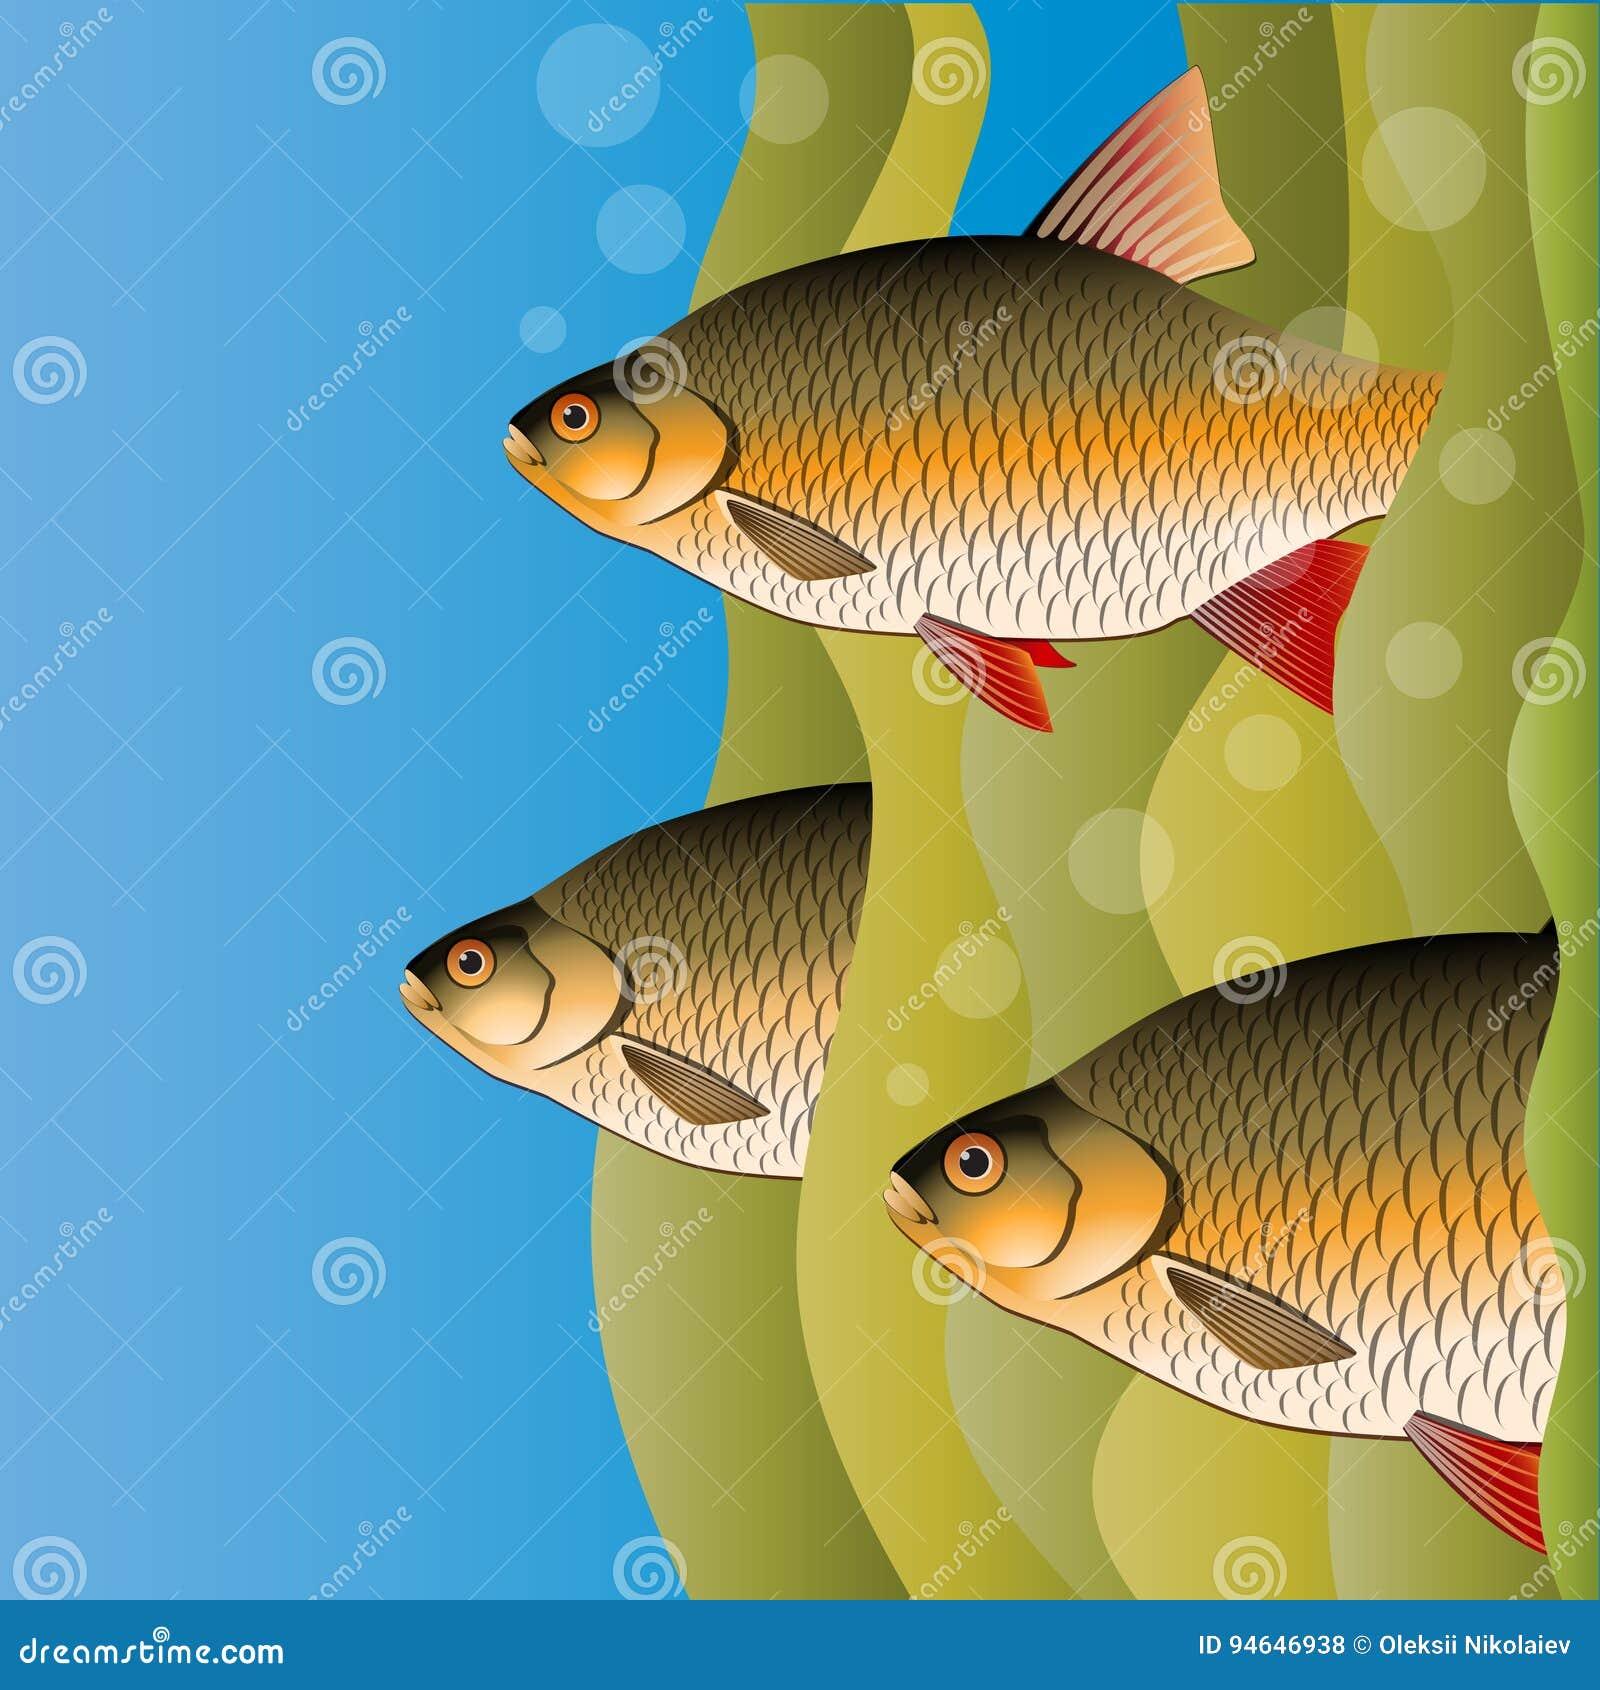 Wunderbar Fisch Färbung Spiele Galerie - Malvorlagen Von Tieren ...